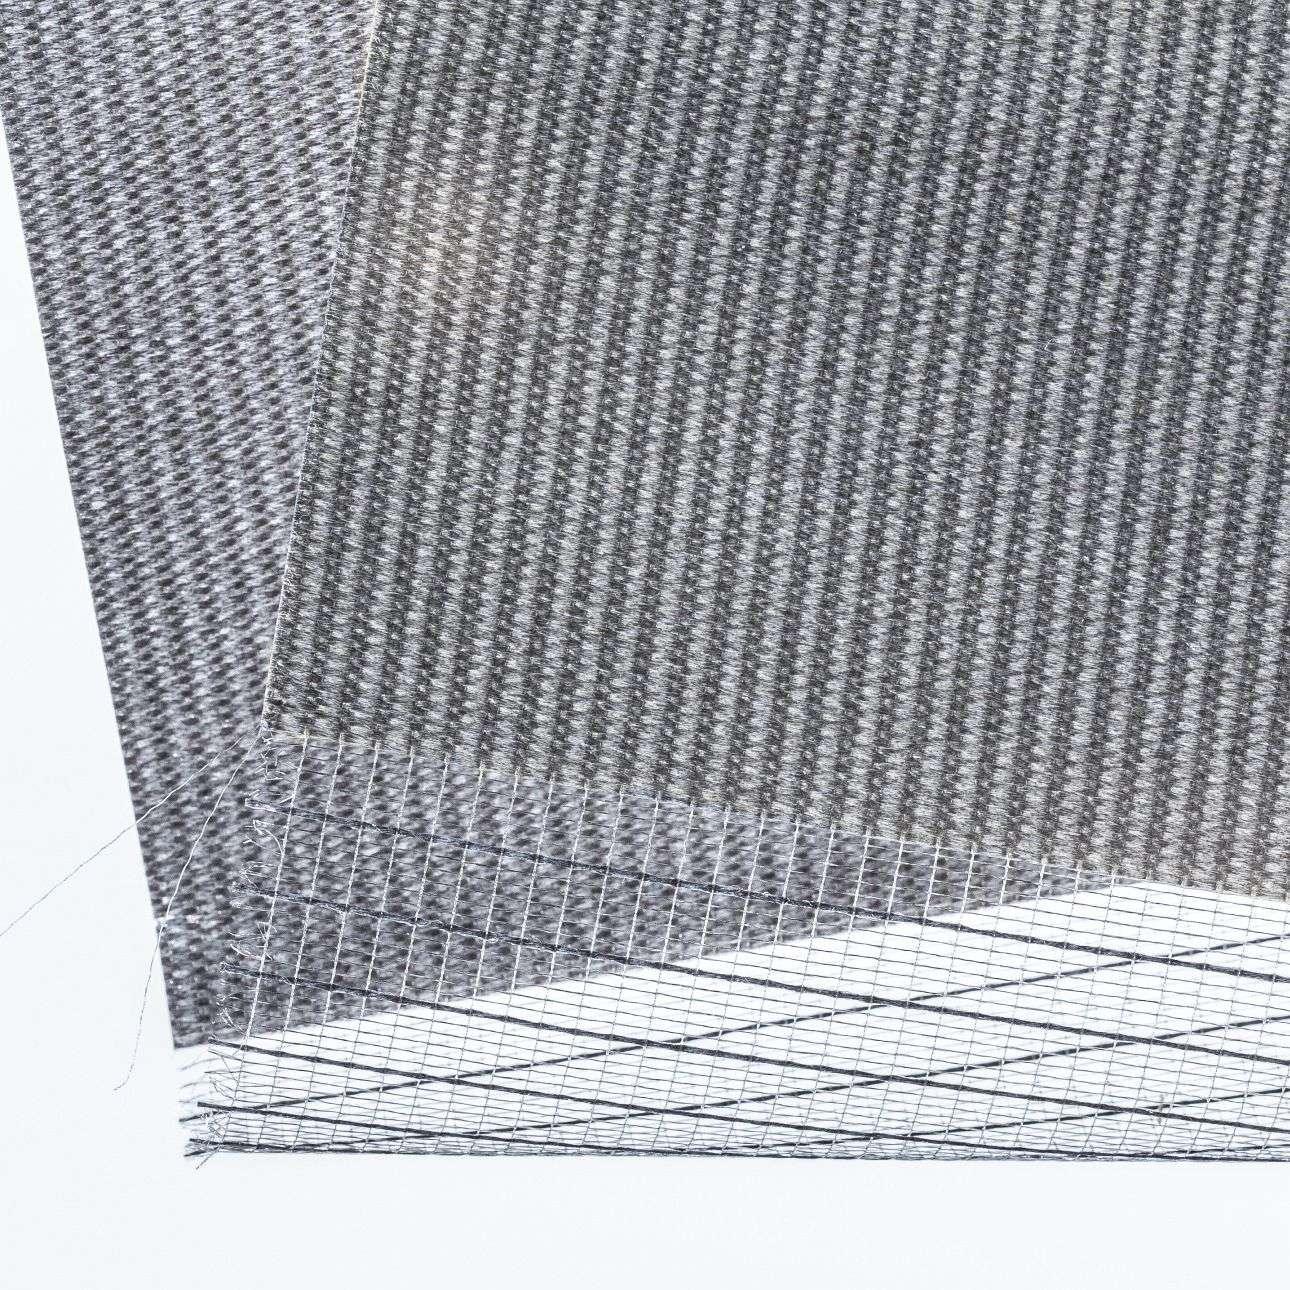 Mini roleta navíjecí DEN / NOC s vodící strunou 61x150cm v kolekci Rolety navíjecí DEN / NOC , látka: 1220